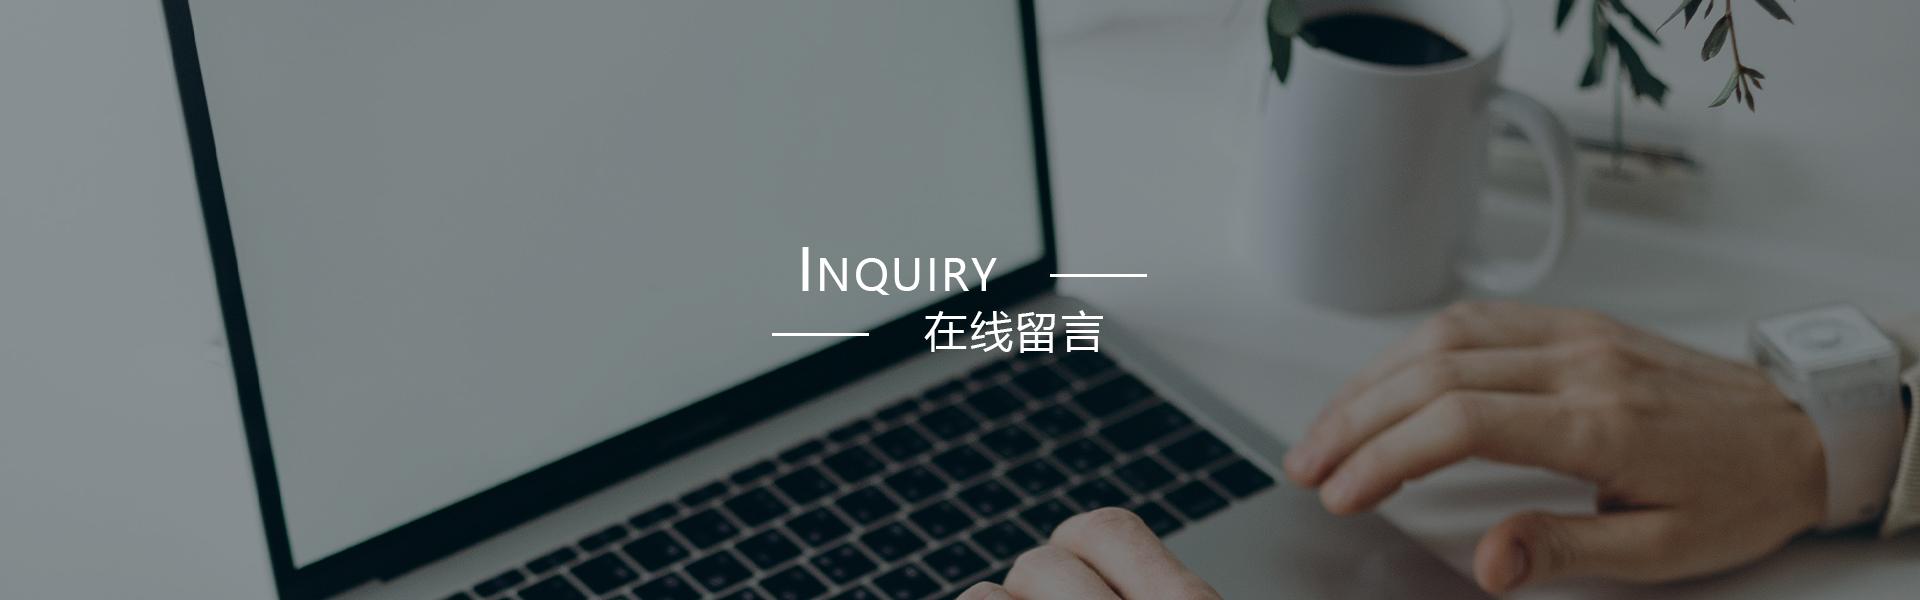 http://www.ycbmzs.cn/data/upload/202010/20201030160547_944.jpg